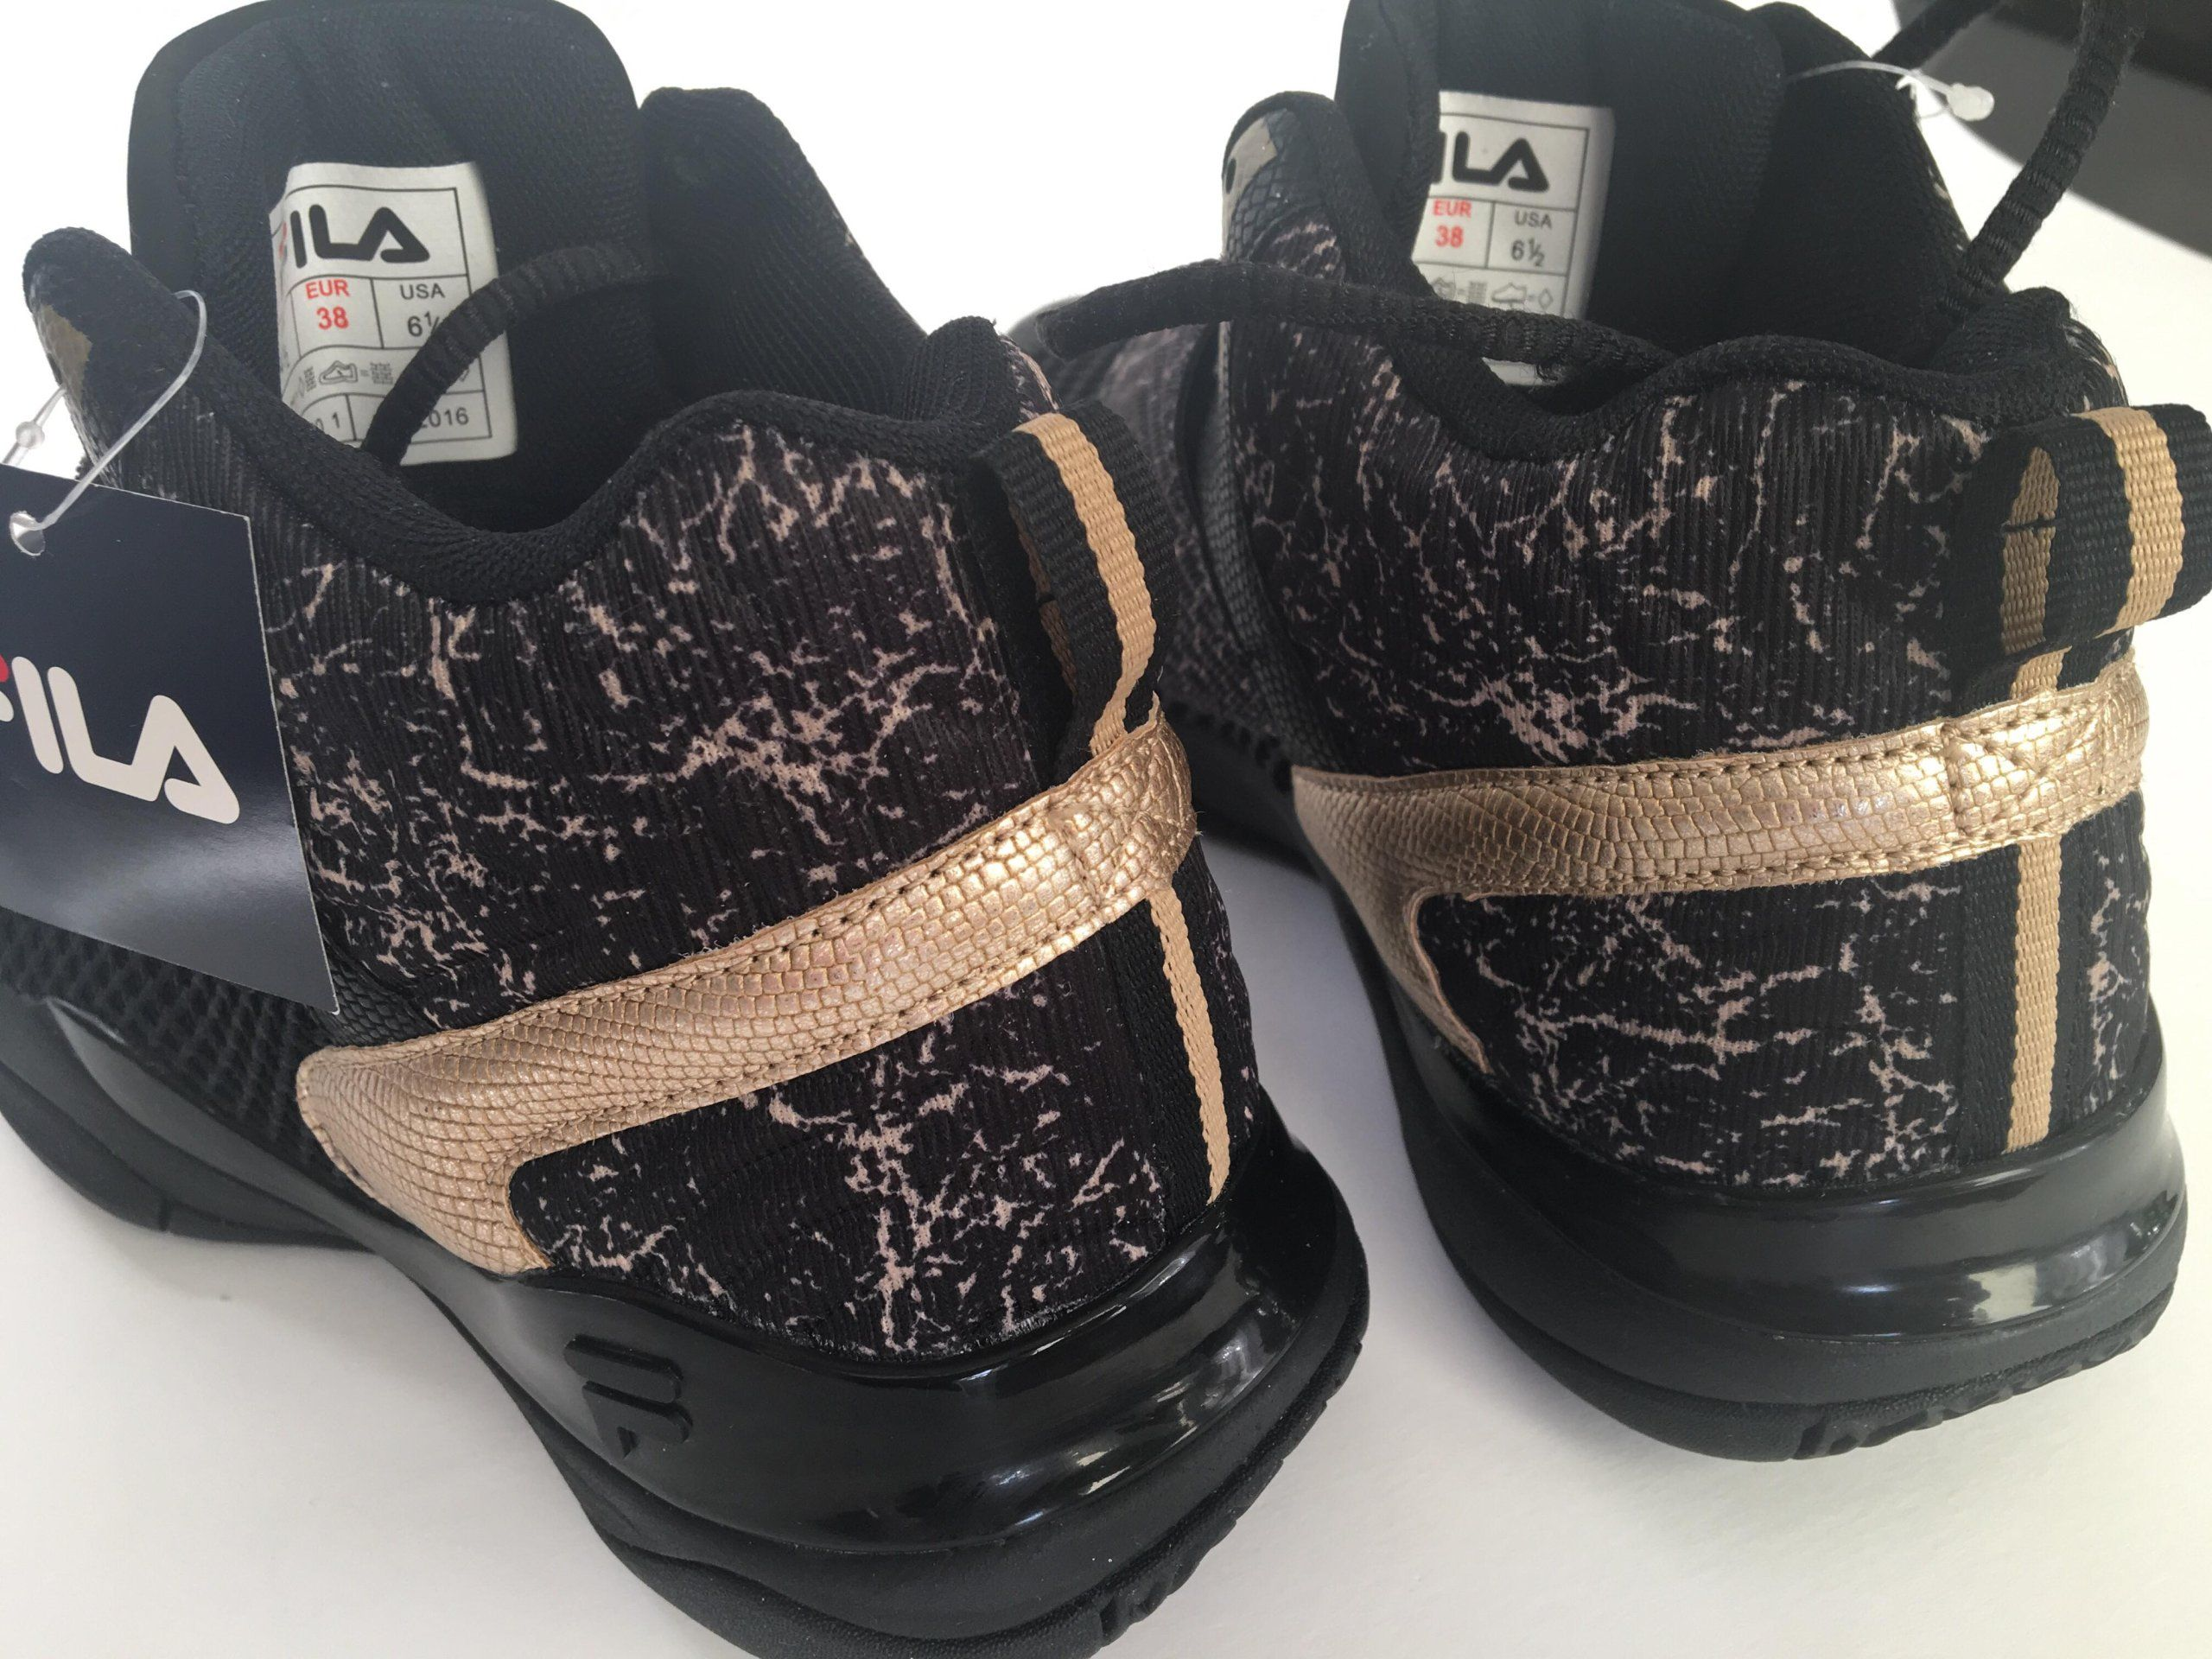 Nowe Buty Sportowe Damskie Fila 38 Okazja 7158627779 Oficjalne Archiwum Allegro